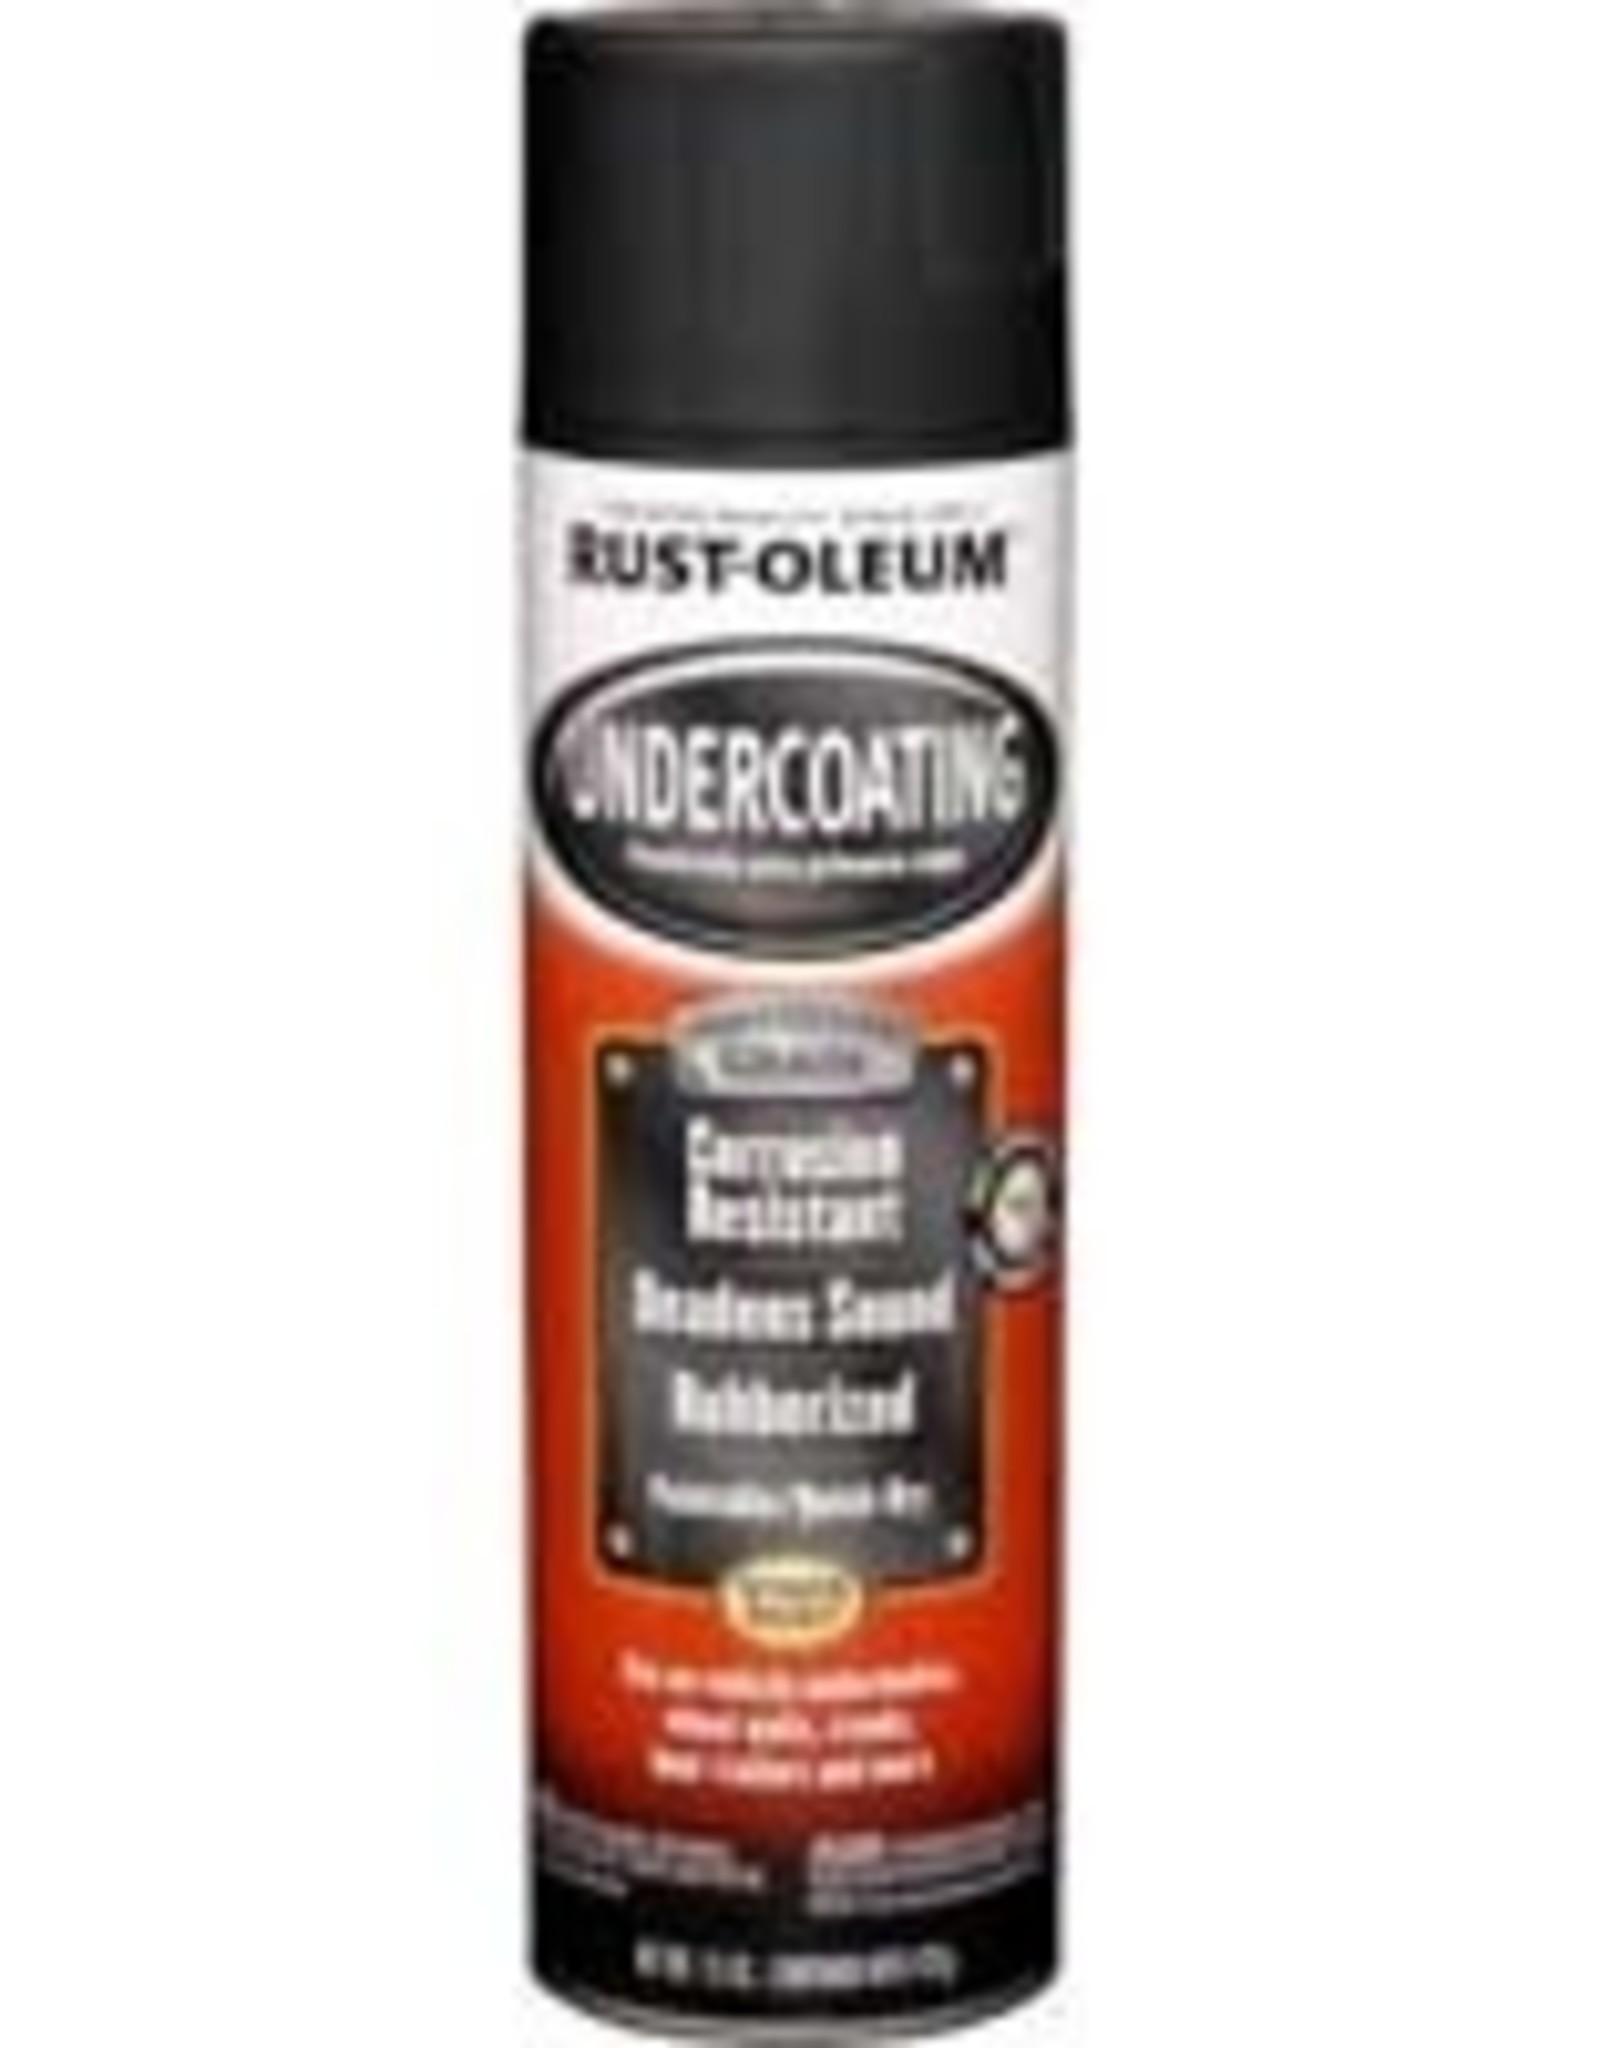 Rust-Oleum Rust-Oleum 248656 15 oz Pro Undercoating Paint Black